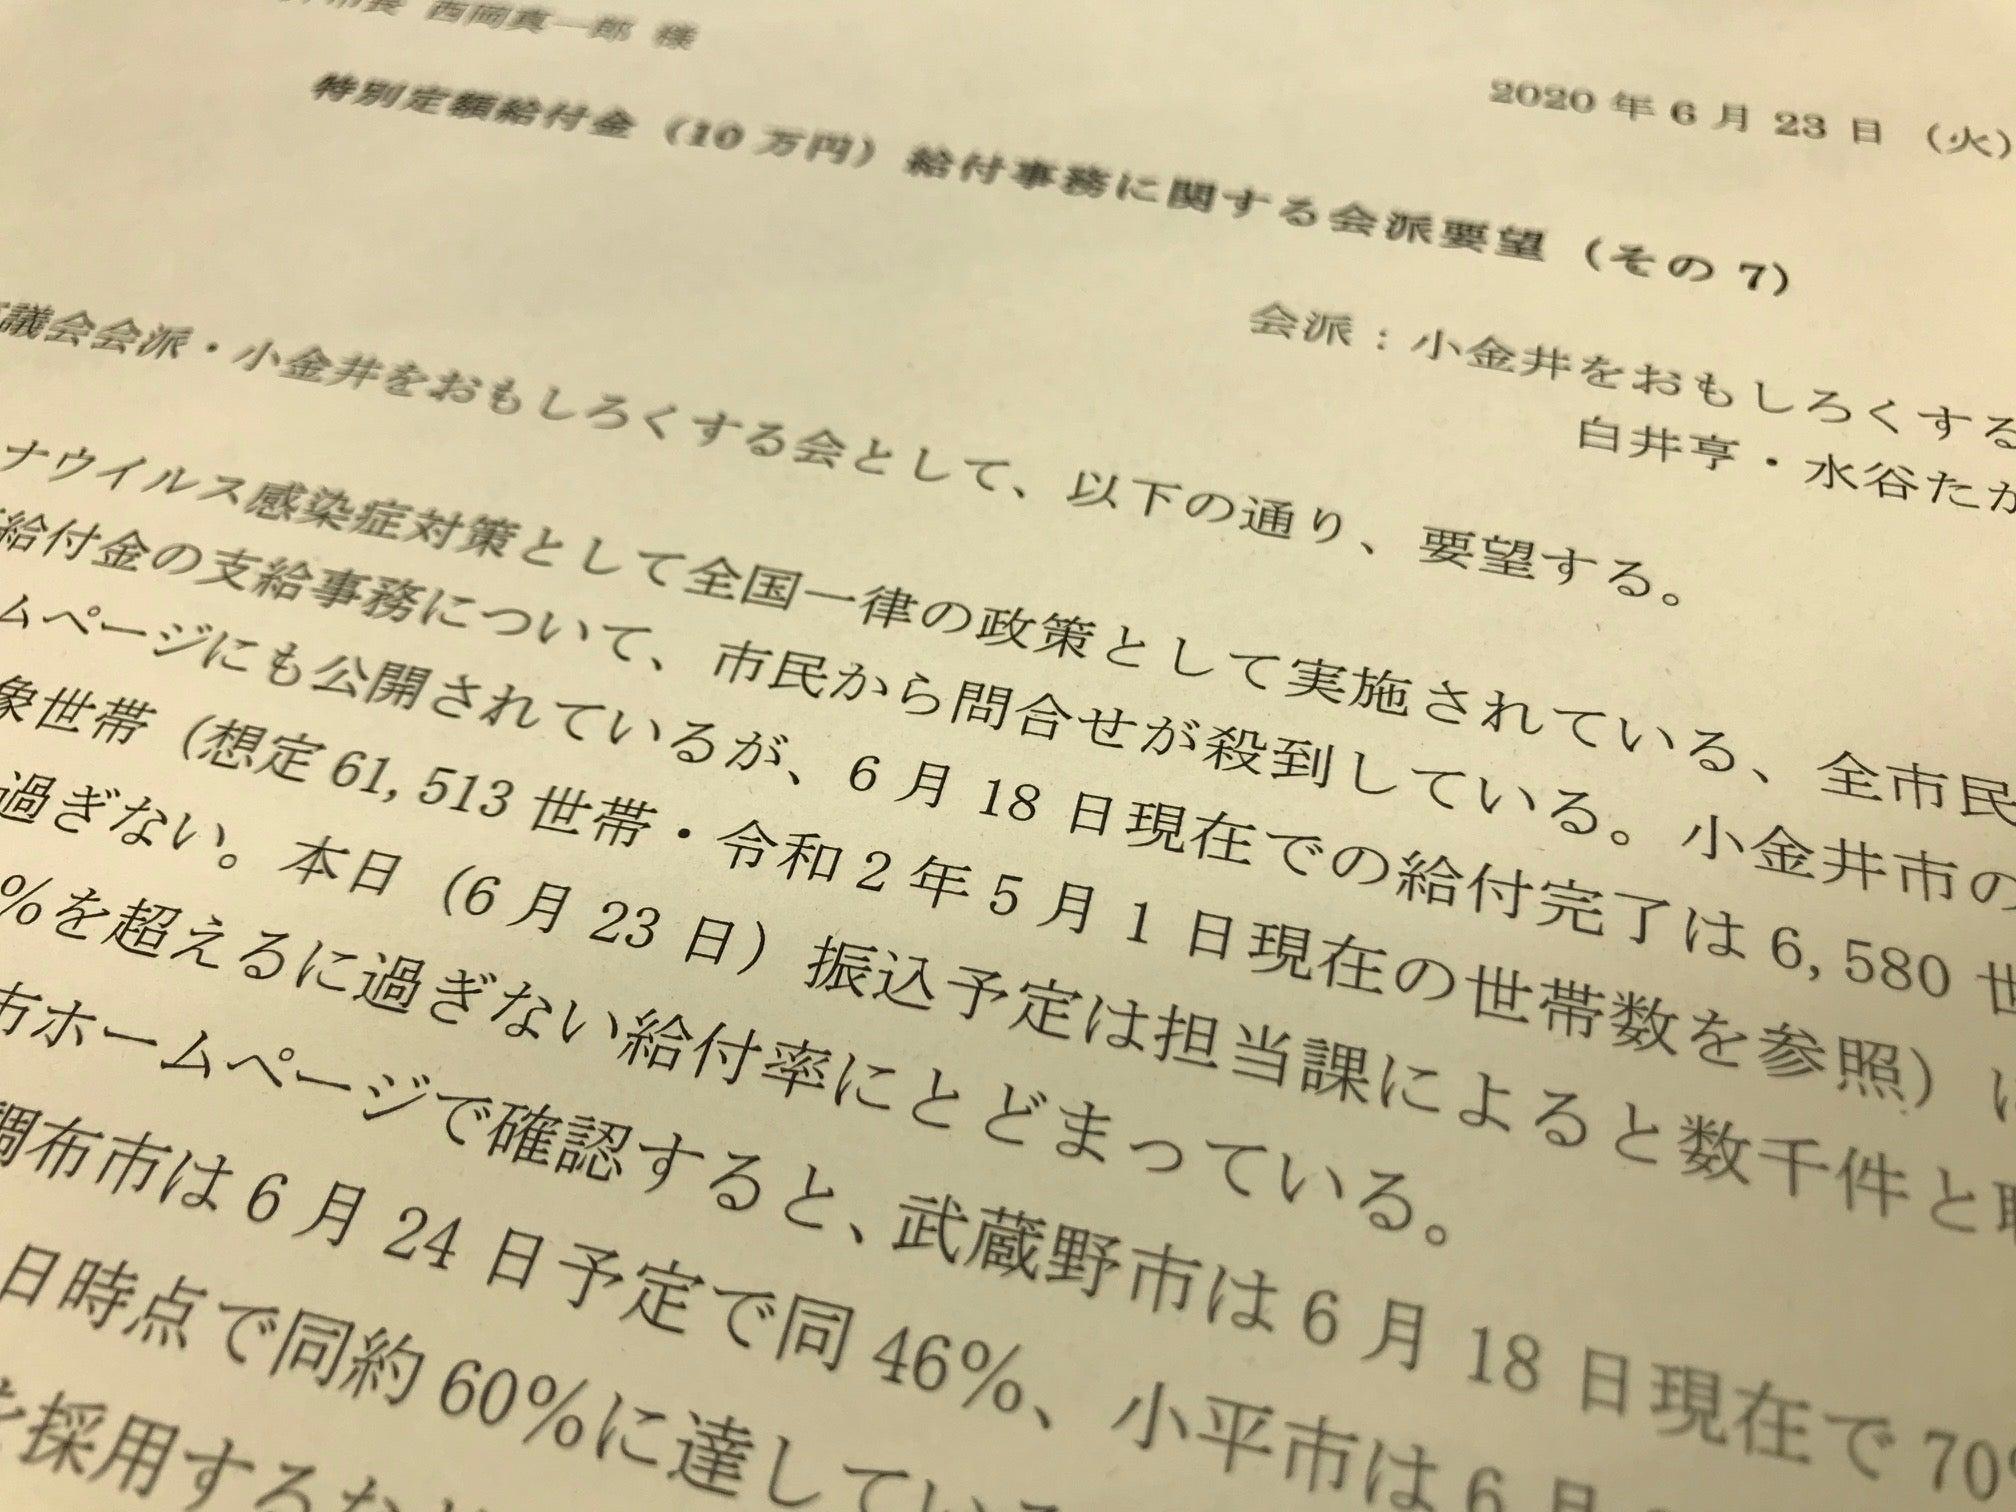 万 10 円 給付 調布 市